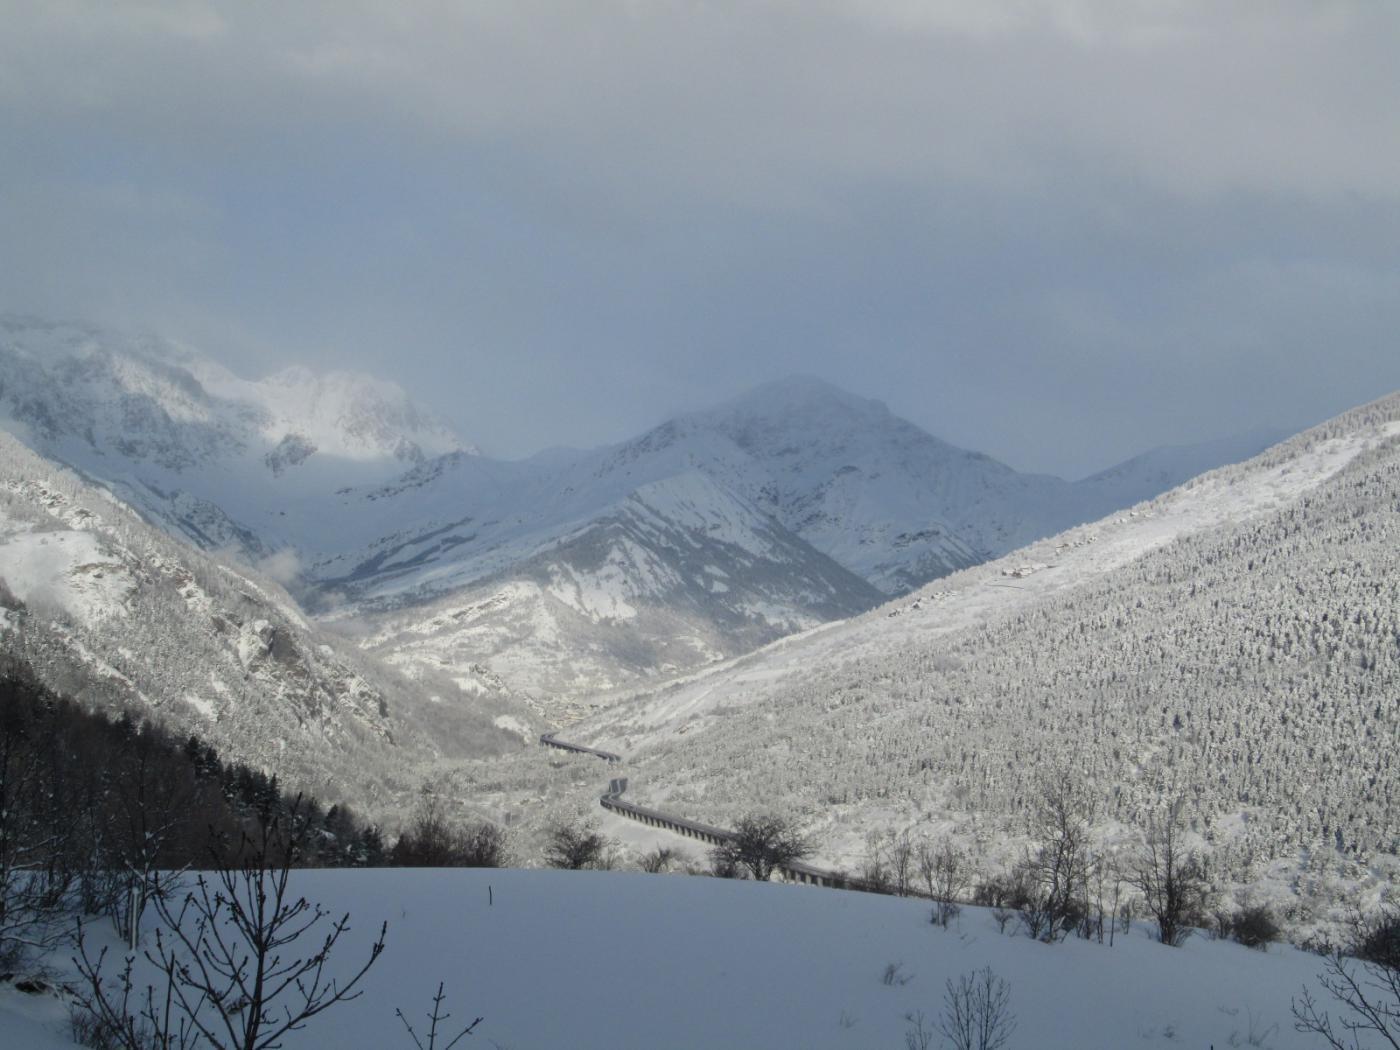 alta valle in veste invernale